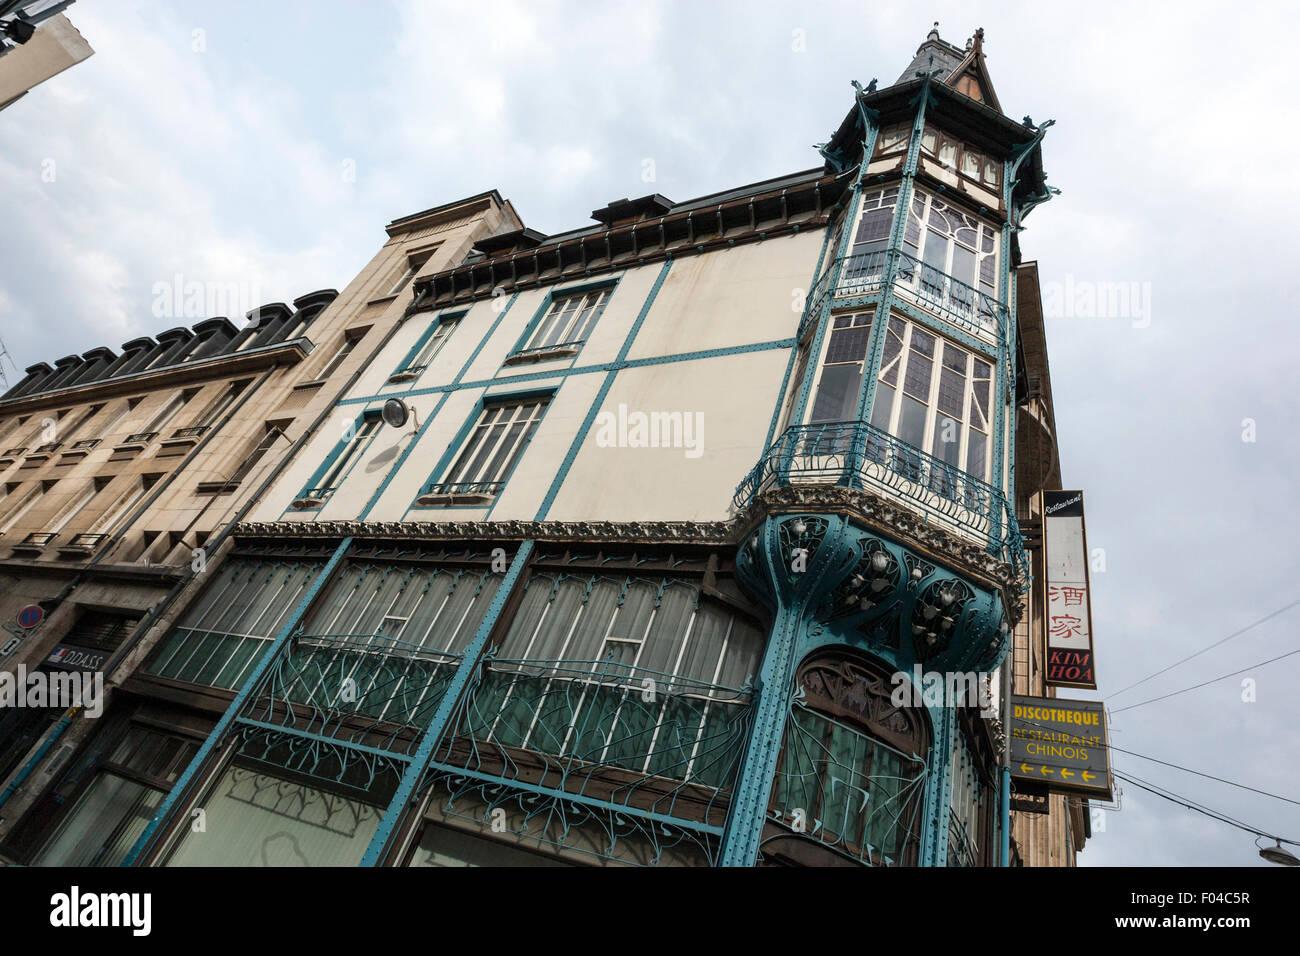 Modernism, Art Nouveau, building in Nancy - Stock Image